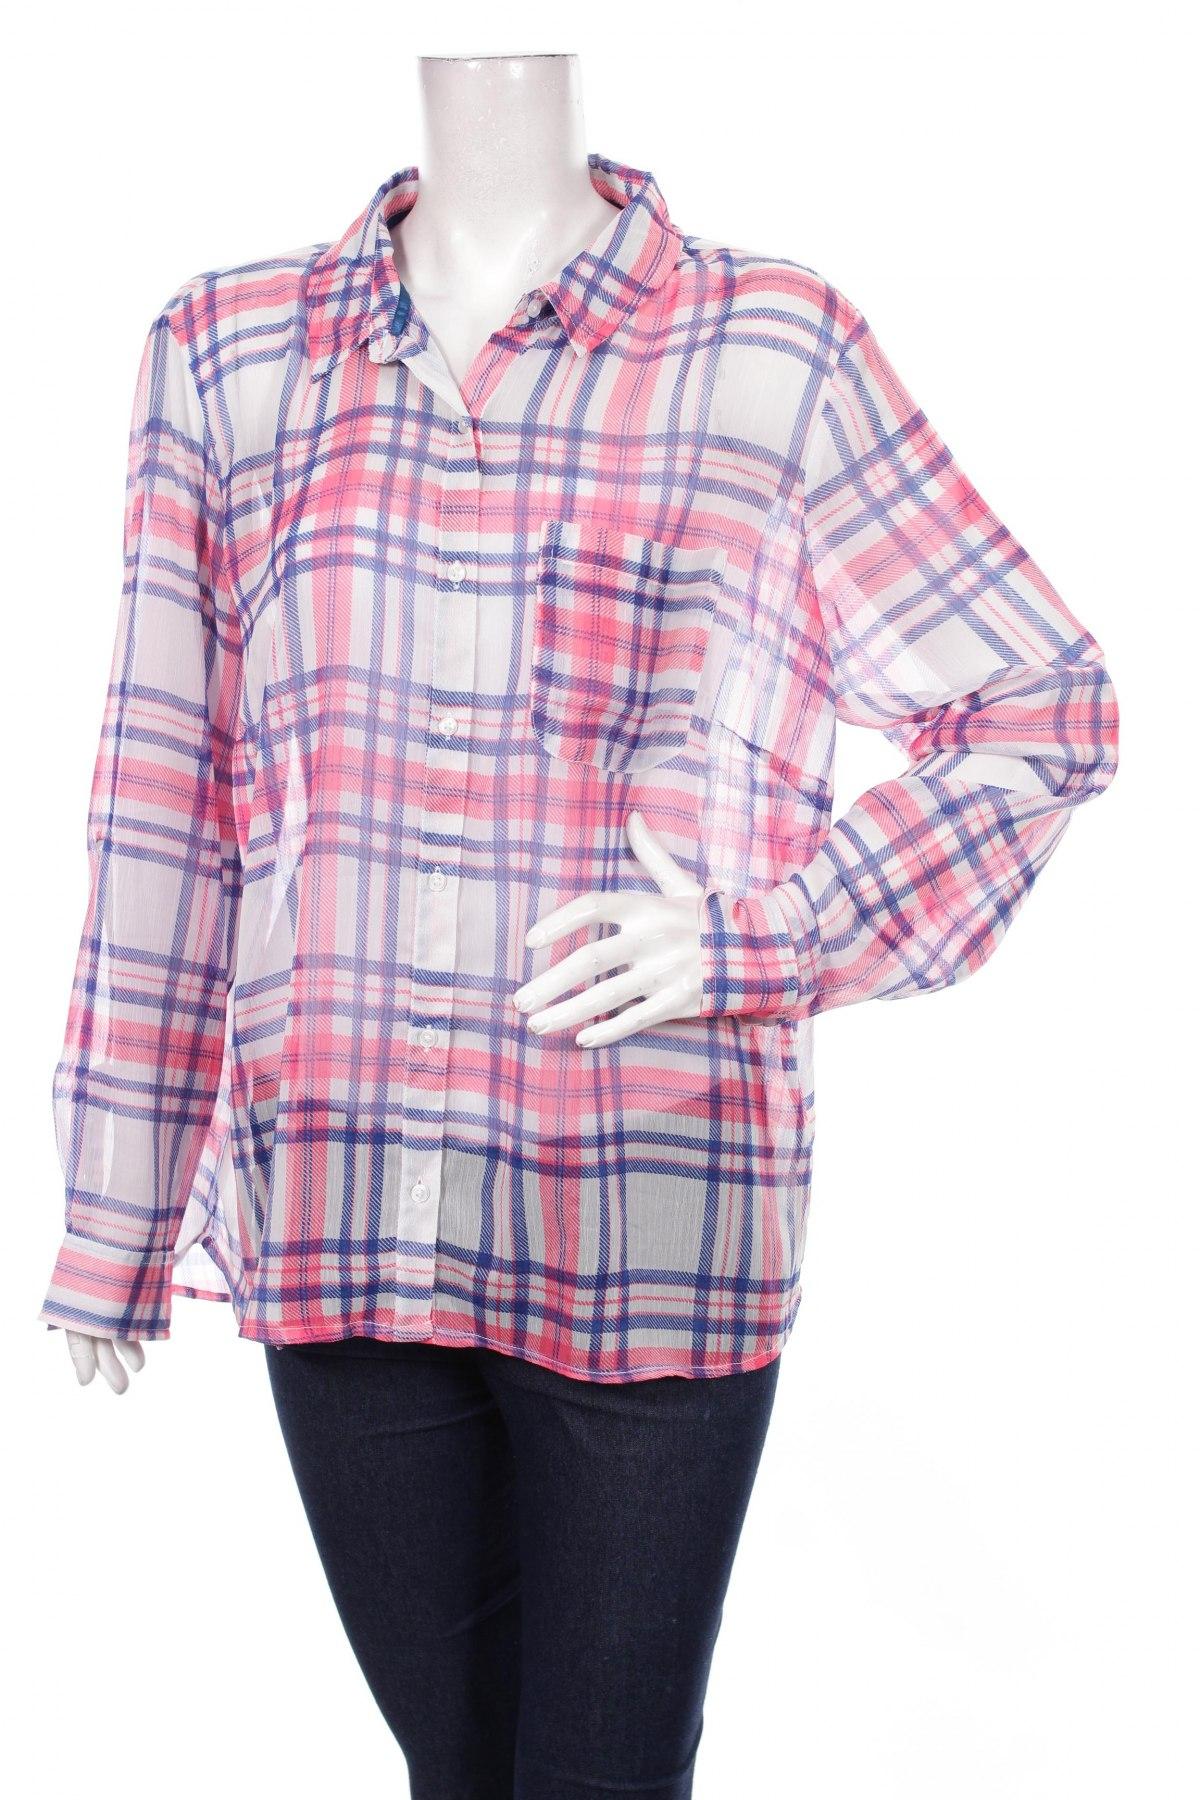 Γυναικείο πουκάμισο Woman By Tchibo, Μέγεθος XL, Χρώμα Πολύχρωμο, Τιμή 16,70€